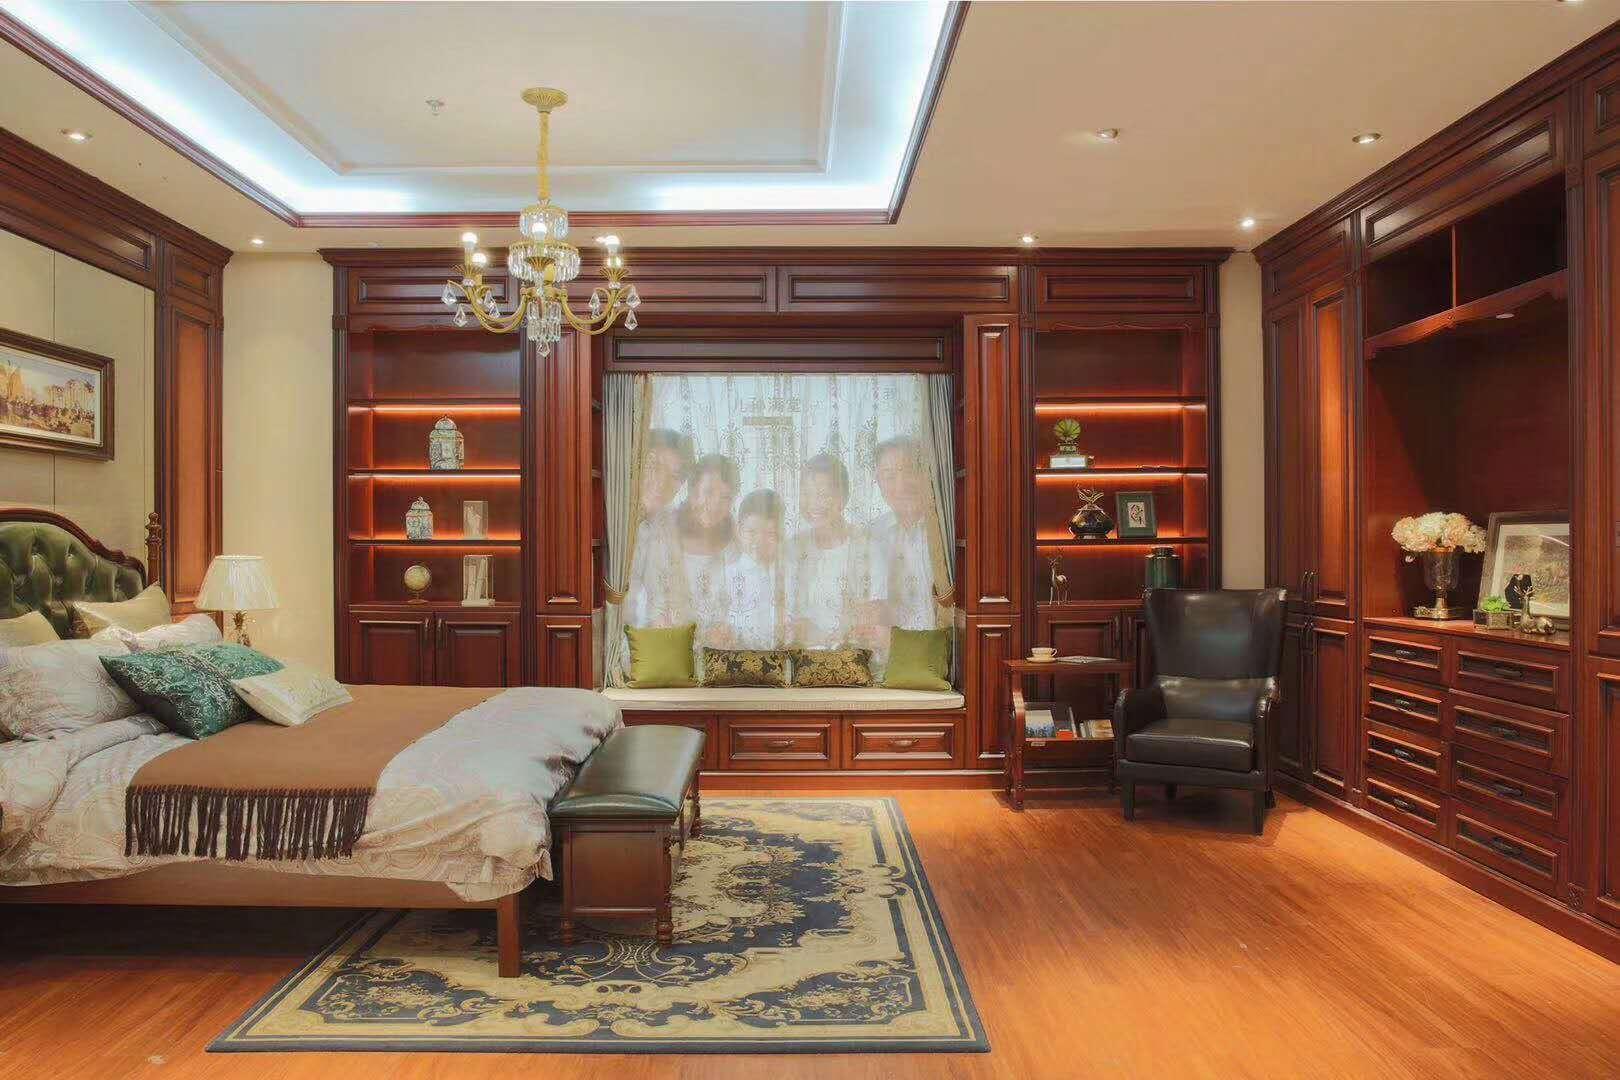 家裝精裝圖|完工工程-山東聊城聊裝建筑裝飾工程有限公司